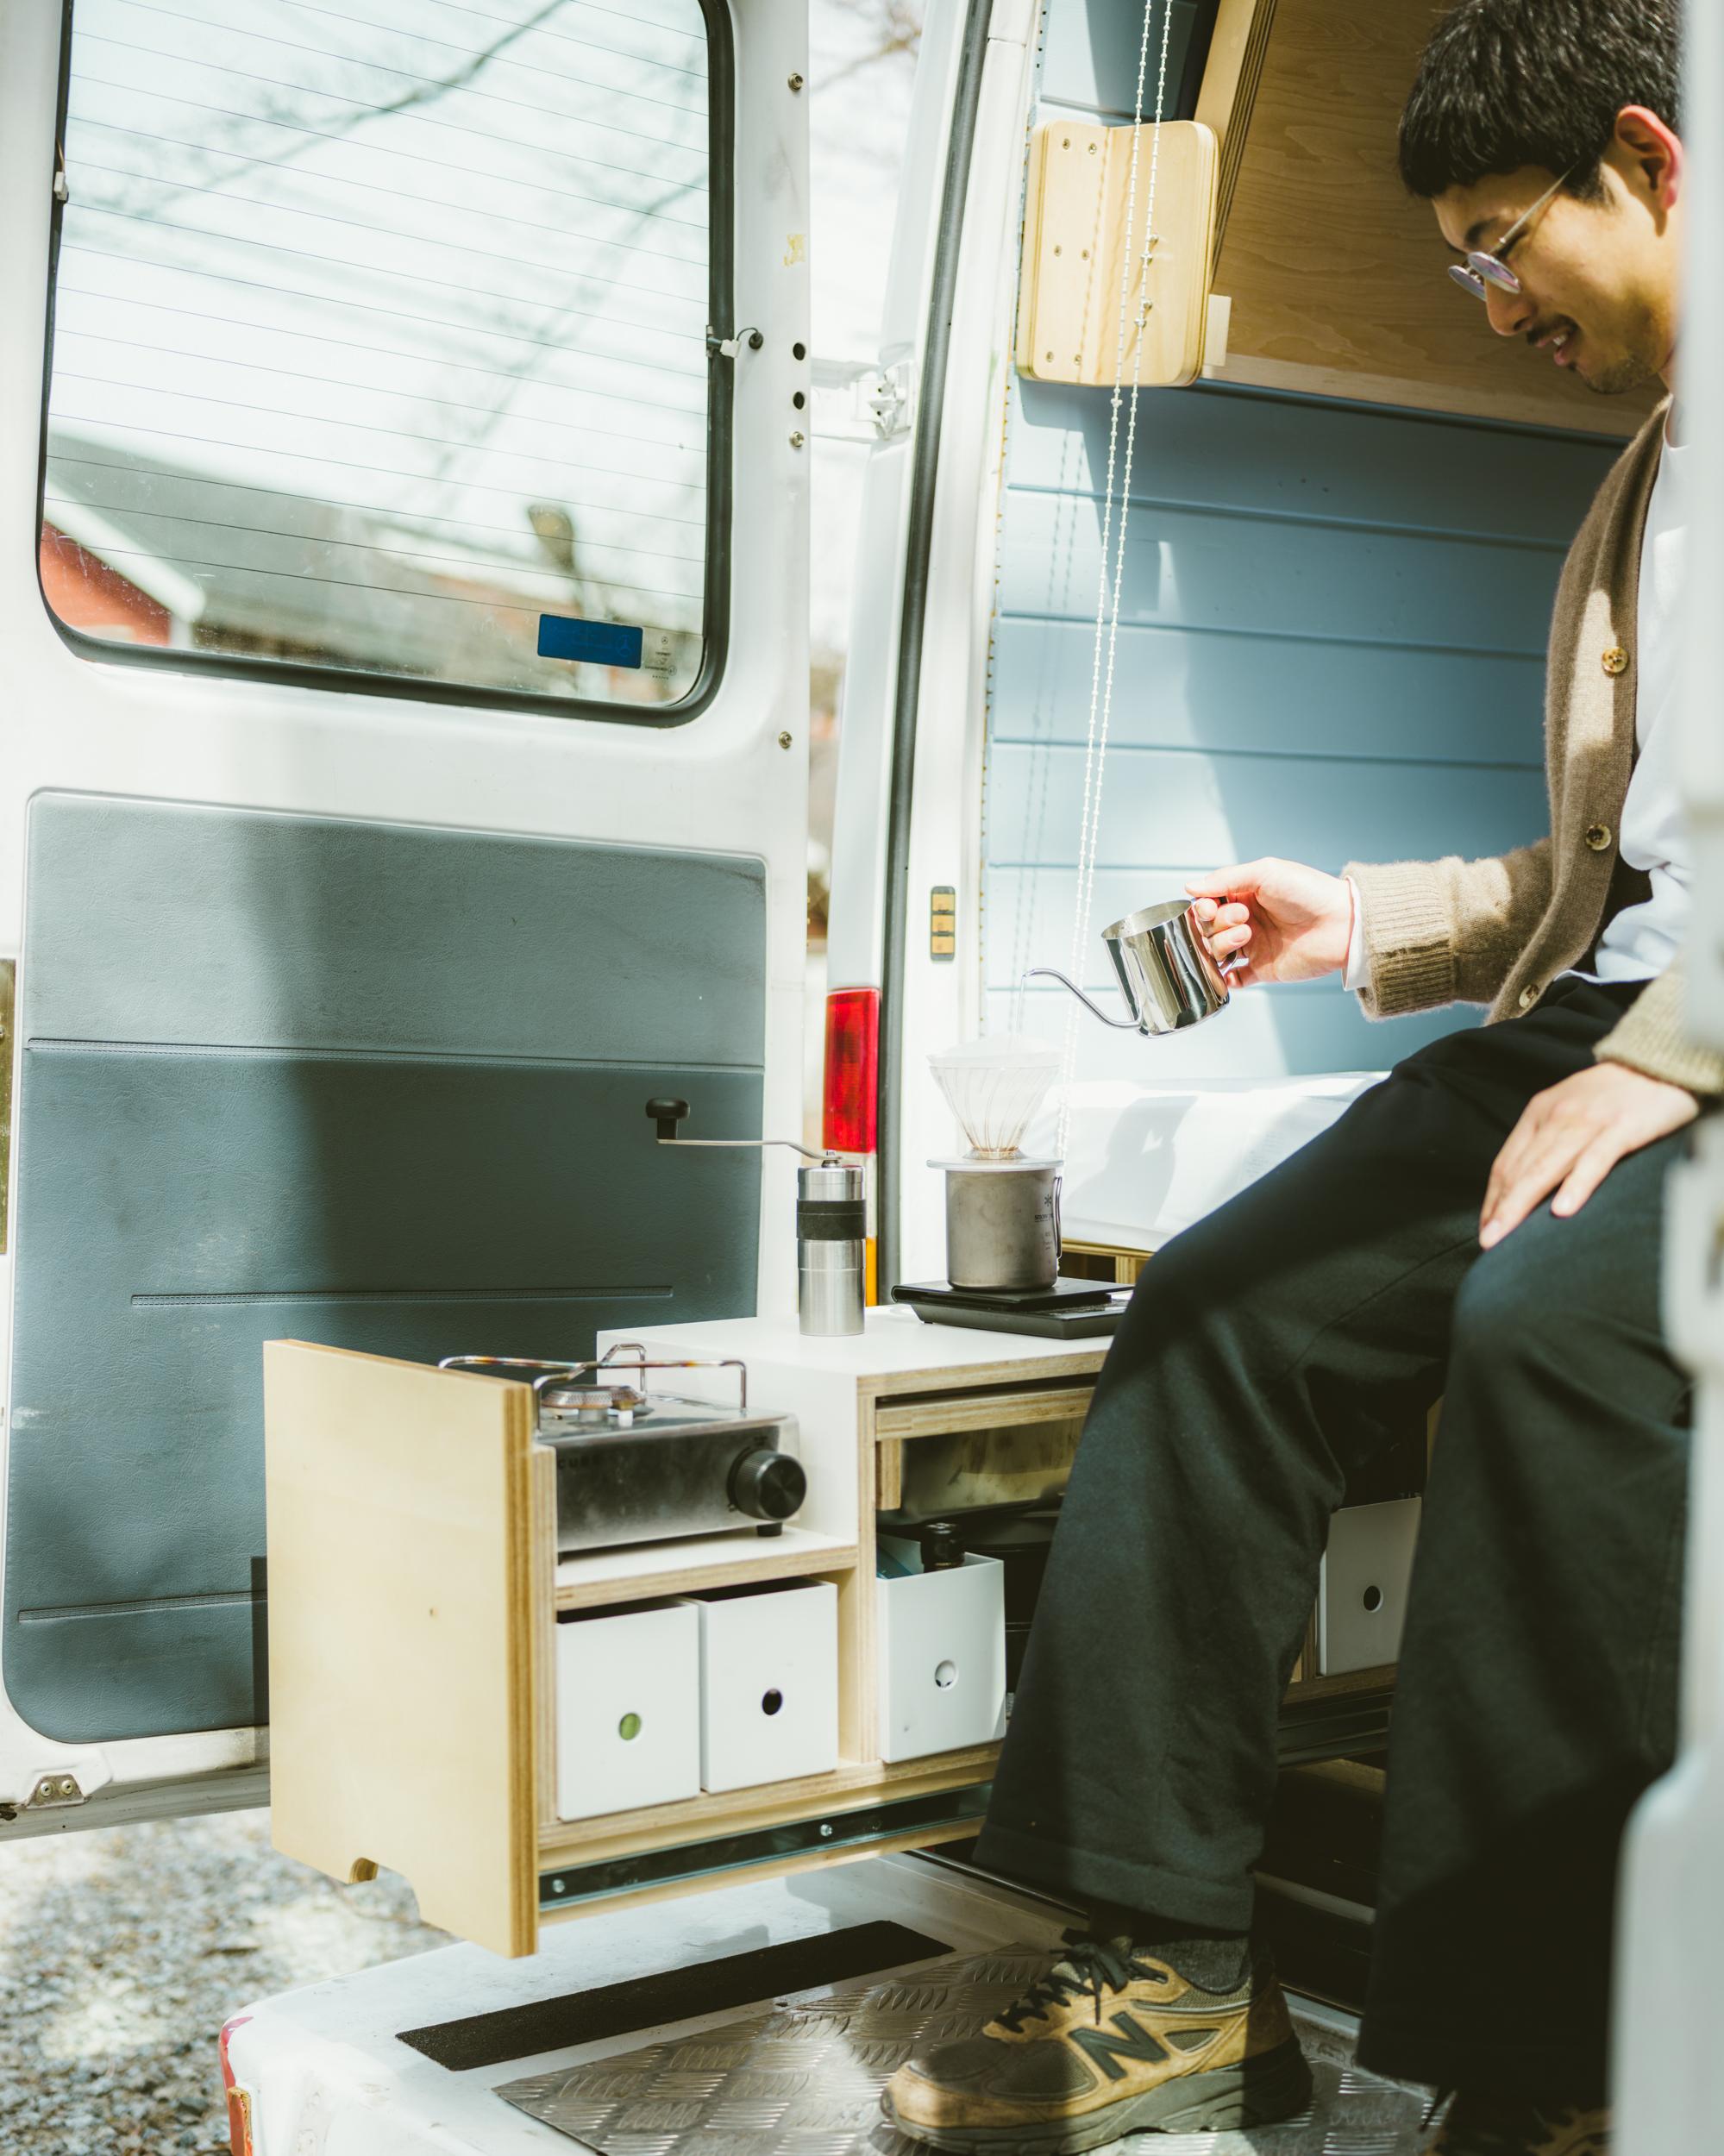 ベッド下に格納されたモジュール式キッチン。バックドアから広い景色を見ながらのコーヒーは格別です。